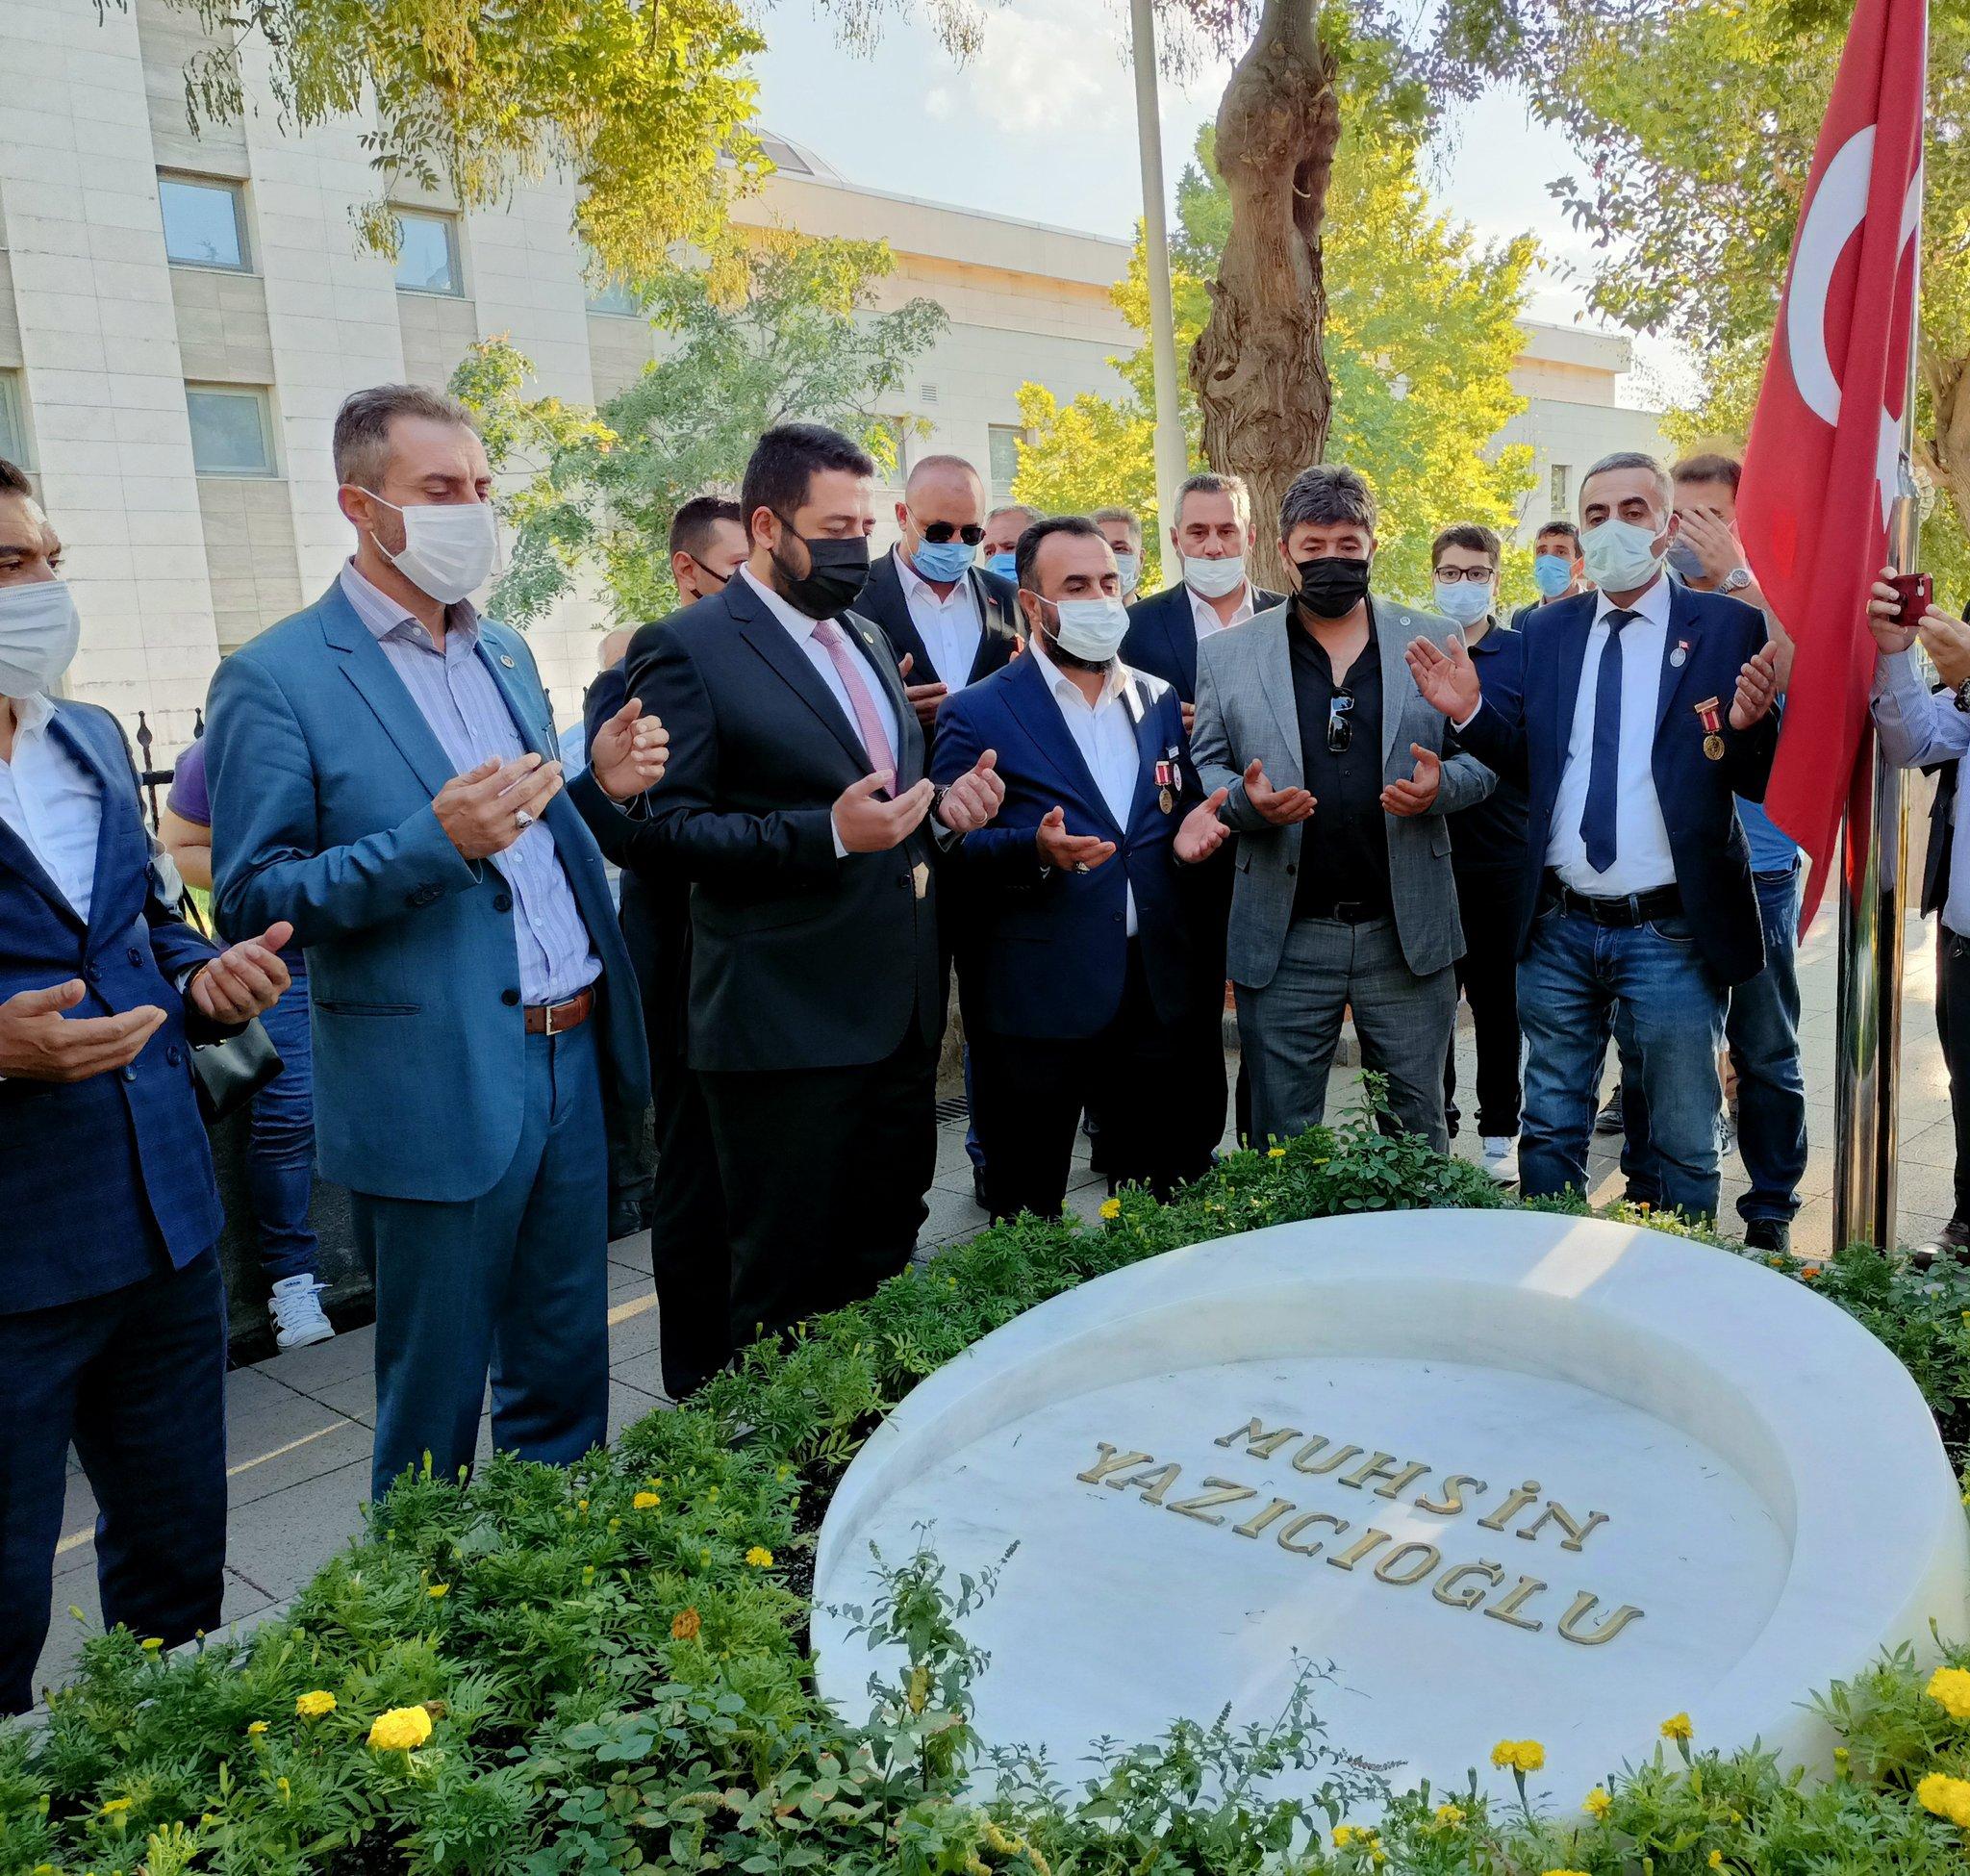 Genel Başkanımız (Gazi) Lokman Aylar ve Kahraman Gazilerimiz 19 Eylül Gaziler Günü Programı kapsamında, Türk Milletinin gönlünde müstesna bir yere sahip olan Şehit Lider Muhsin Yazıcıoğlu'nun kabrini ziyaret ettiler.